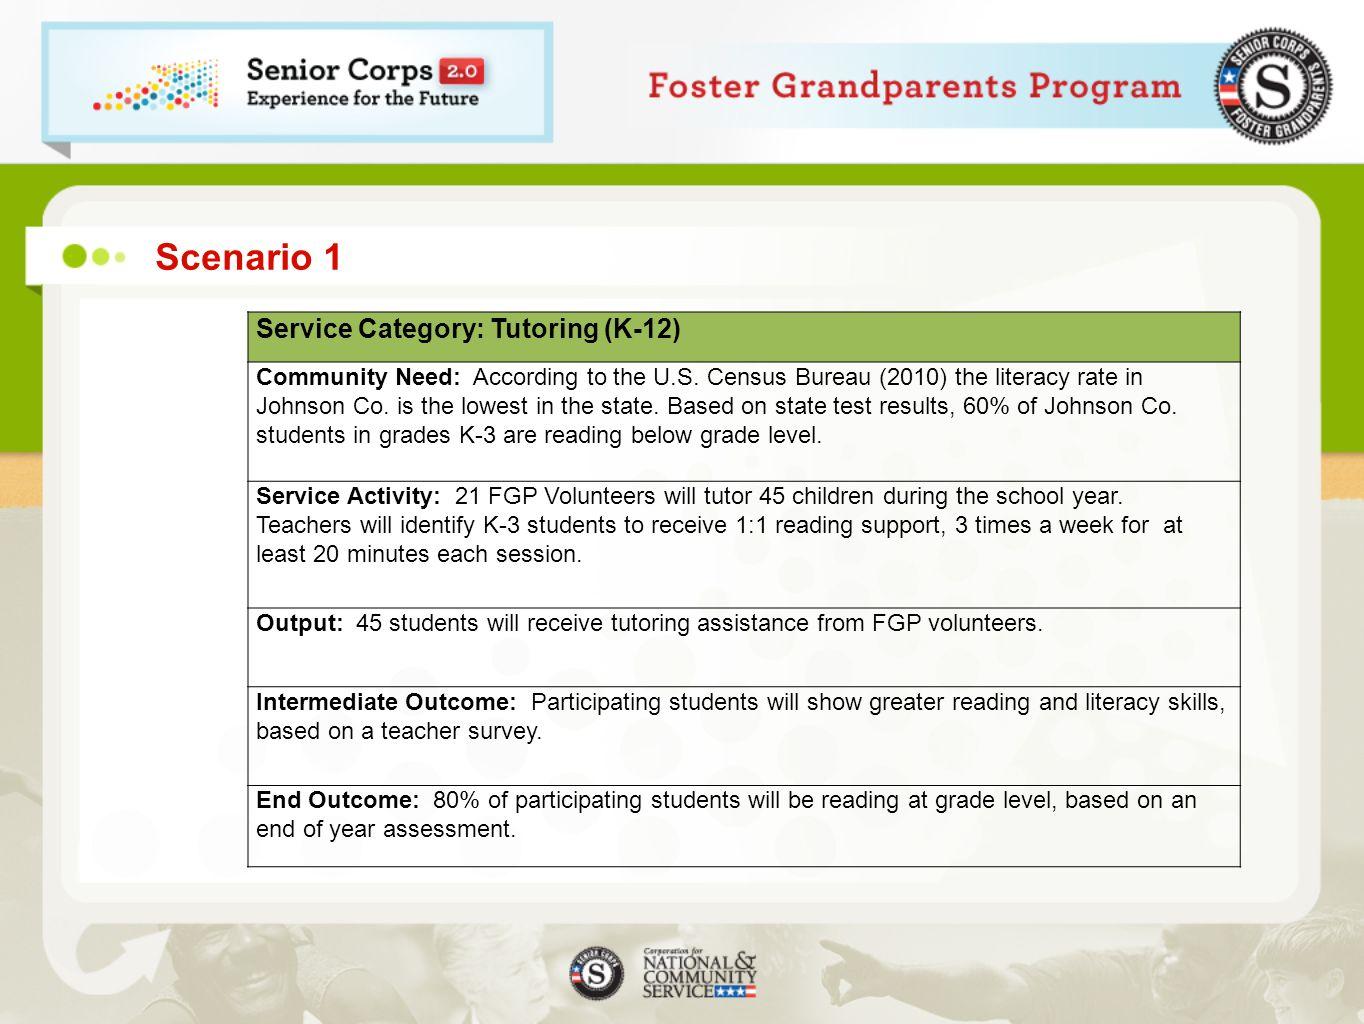 Scenario 1 Service Category: Tutoring (K-12)